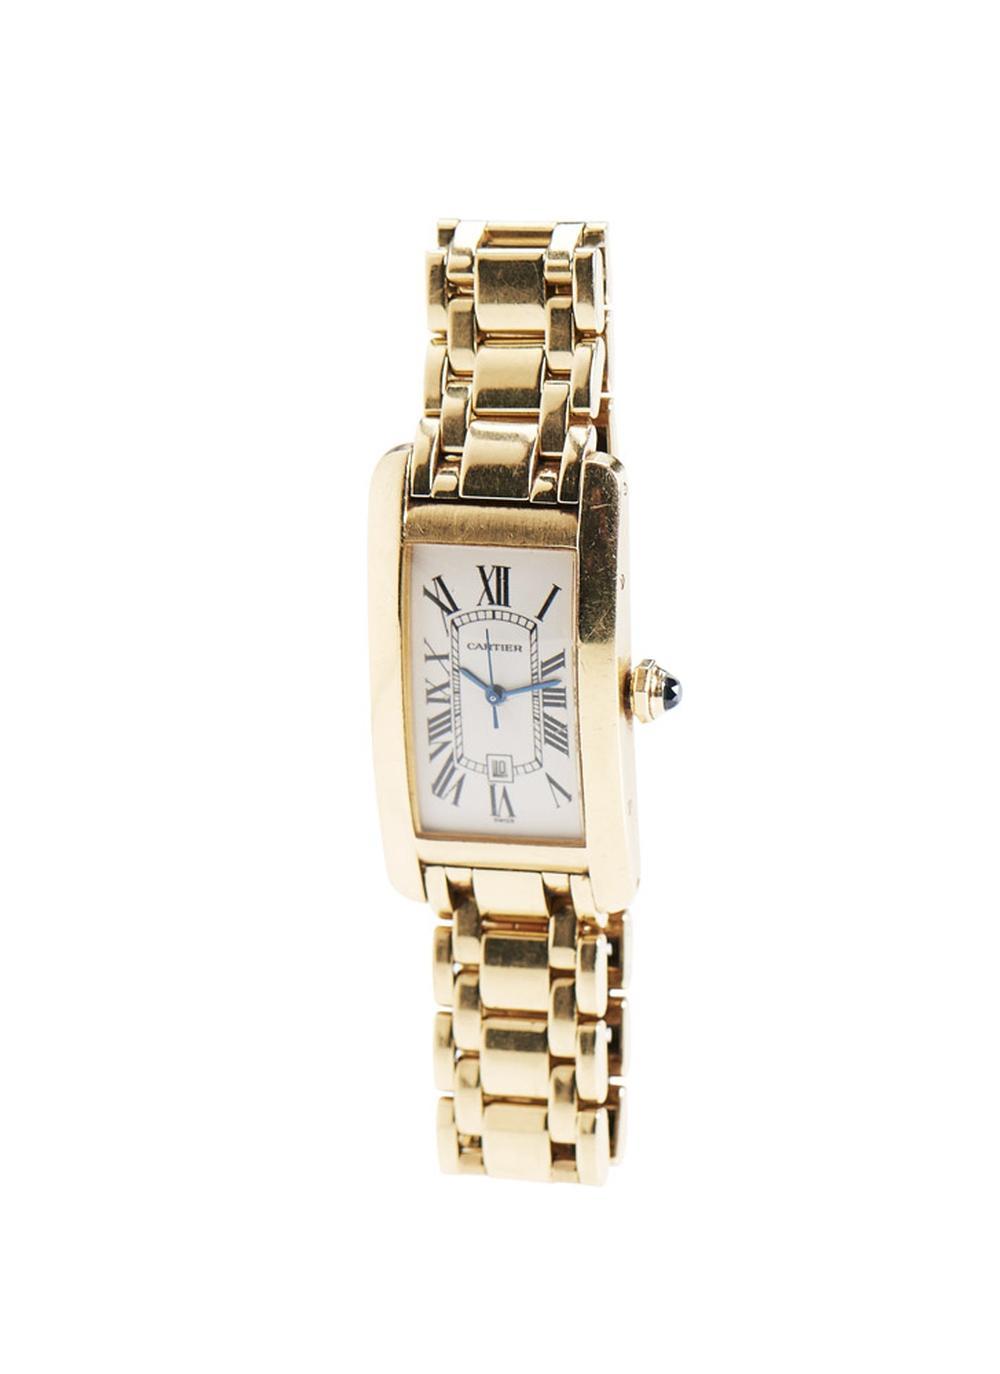 Relógio de pulso Cartier em ouro 750%, P. 115,2g